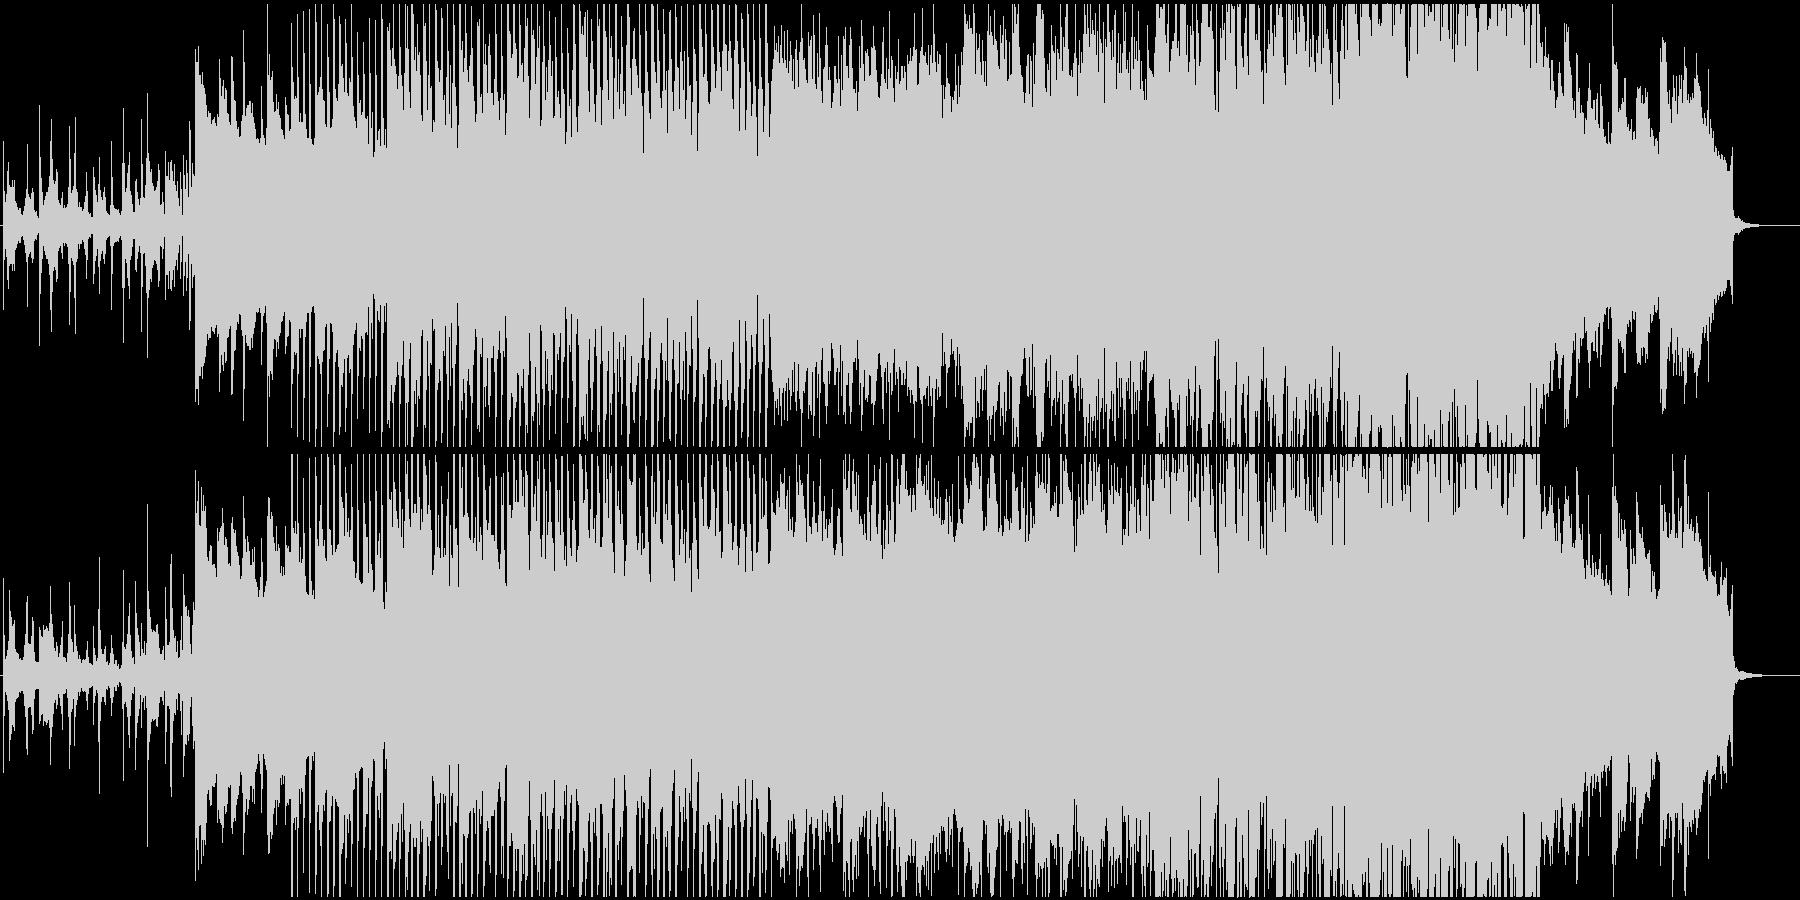 ピアノが印象的なエレクトロニカ、映像等にの未再生の波形